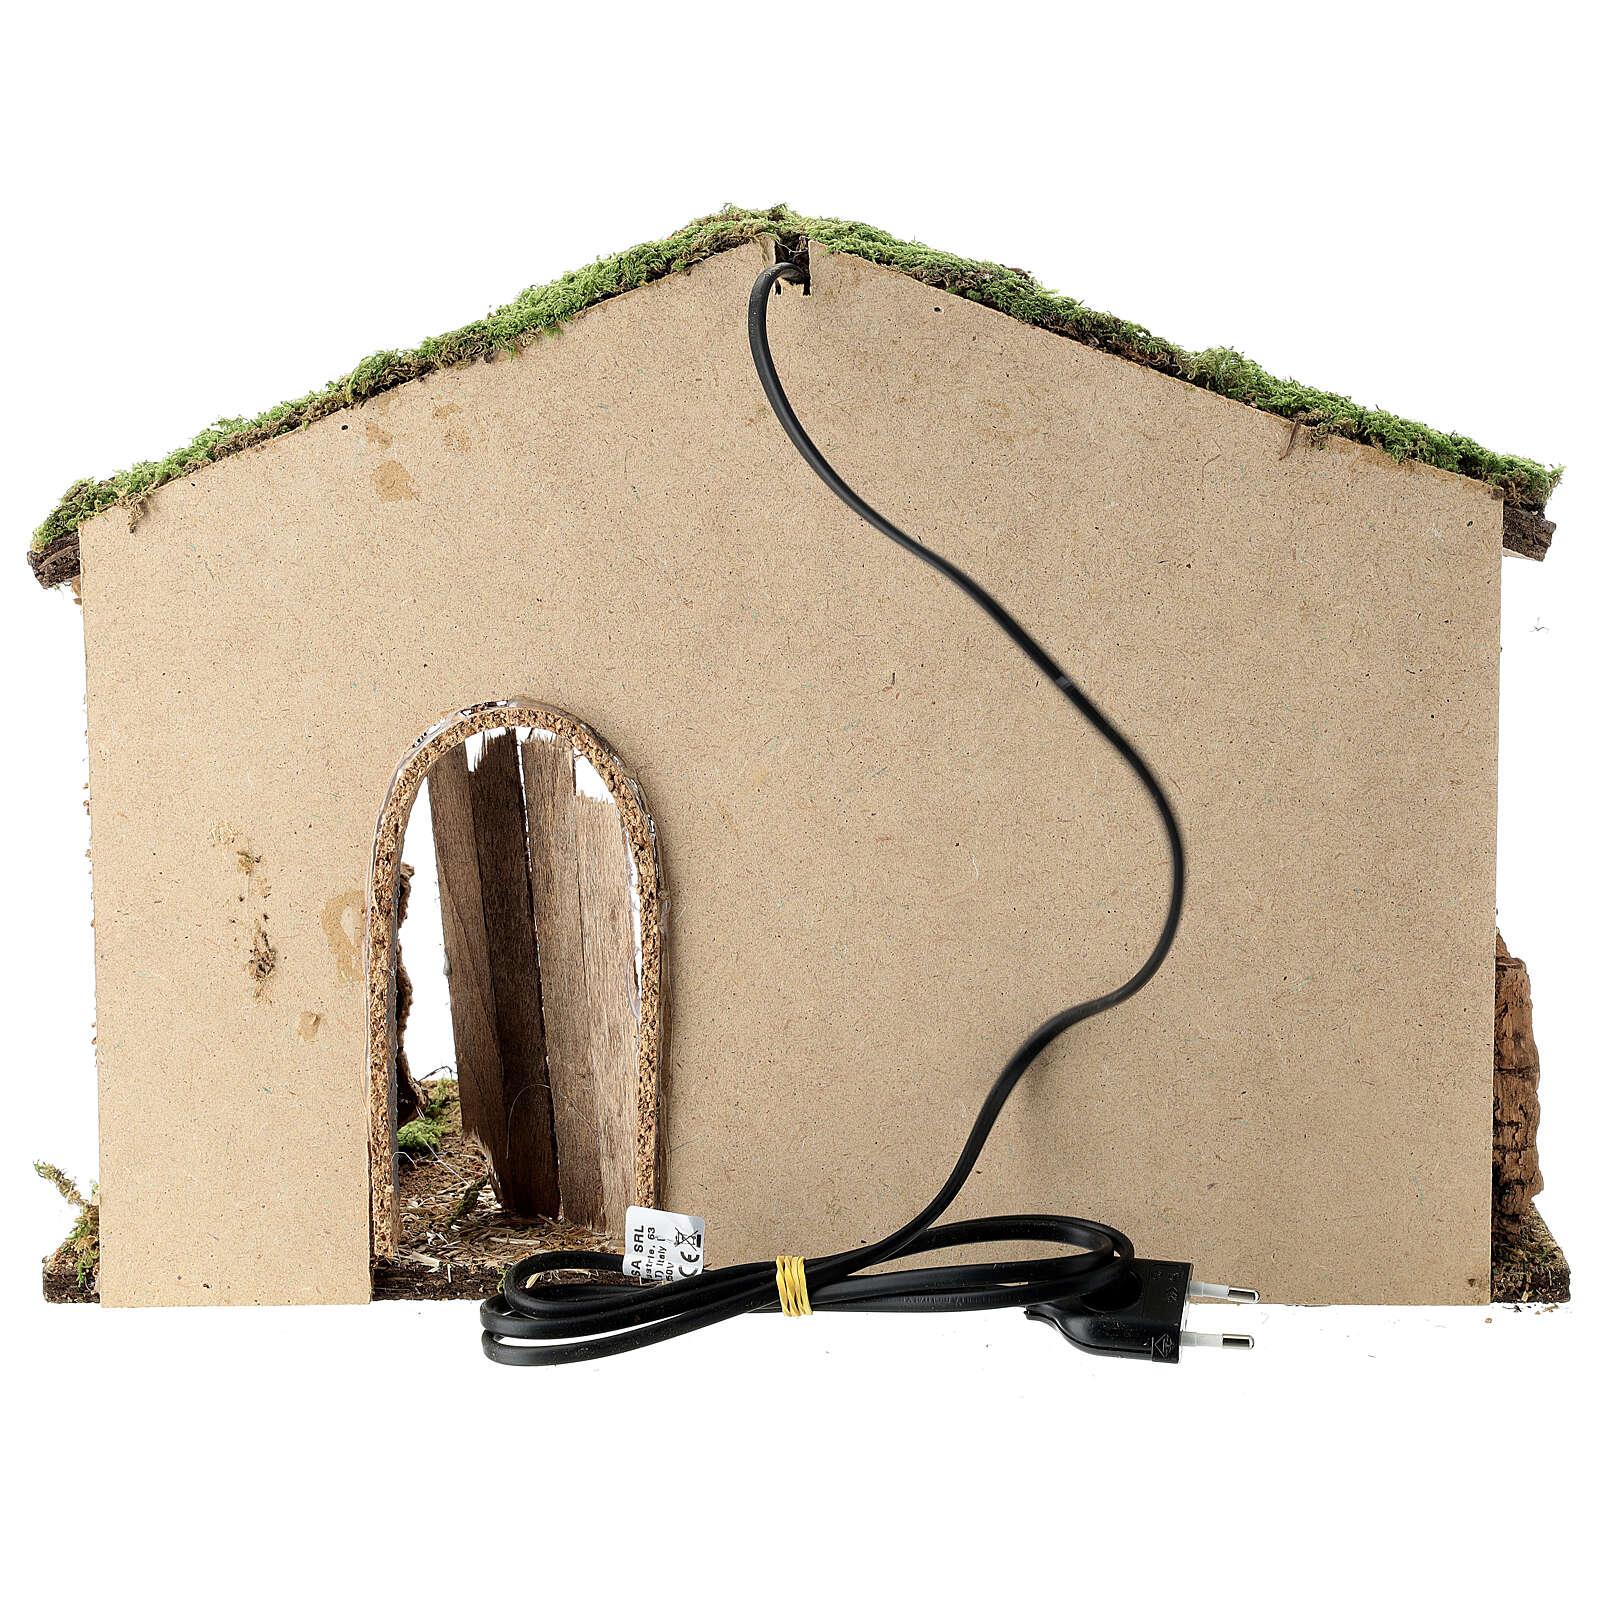 Cabane crèche rustique porte entrouverte fenil 30x40x20 cm santons 12-14 cm 4